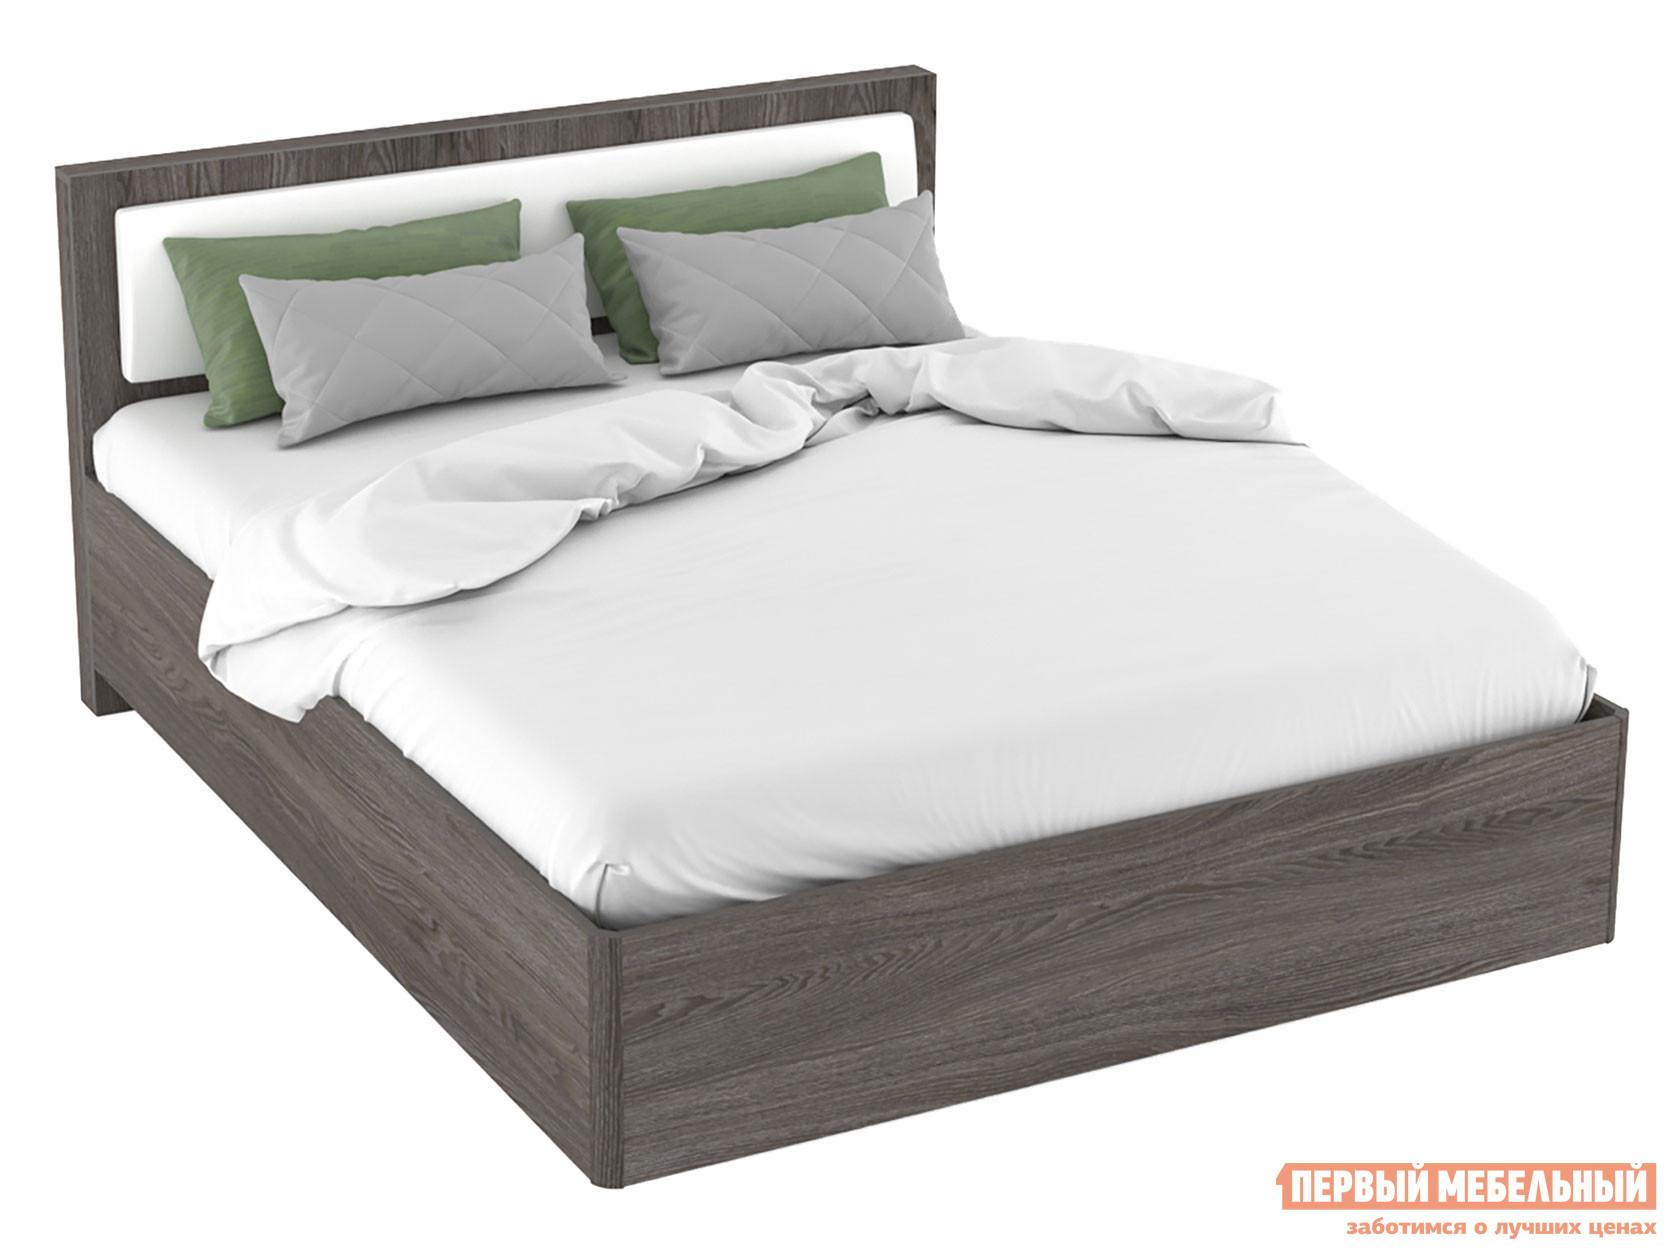 Двуспальная кровать  Кровать Вирджиния 160х200 011.54 Ясень анкор темный / Белый, кожзам — Кровать Вирджиния 160х200 011.54 Ясень анкор темный / Белый, кожзам